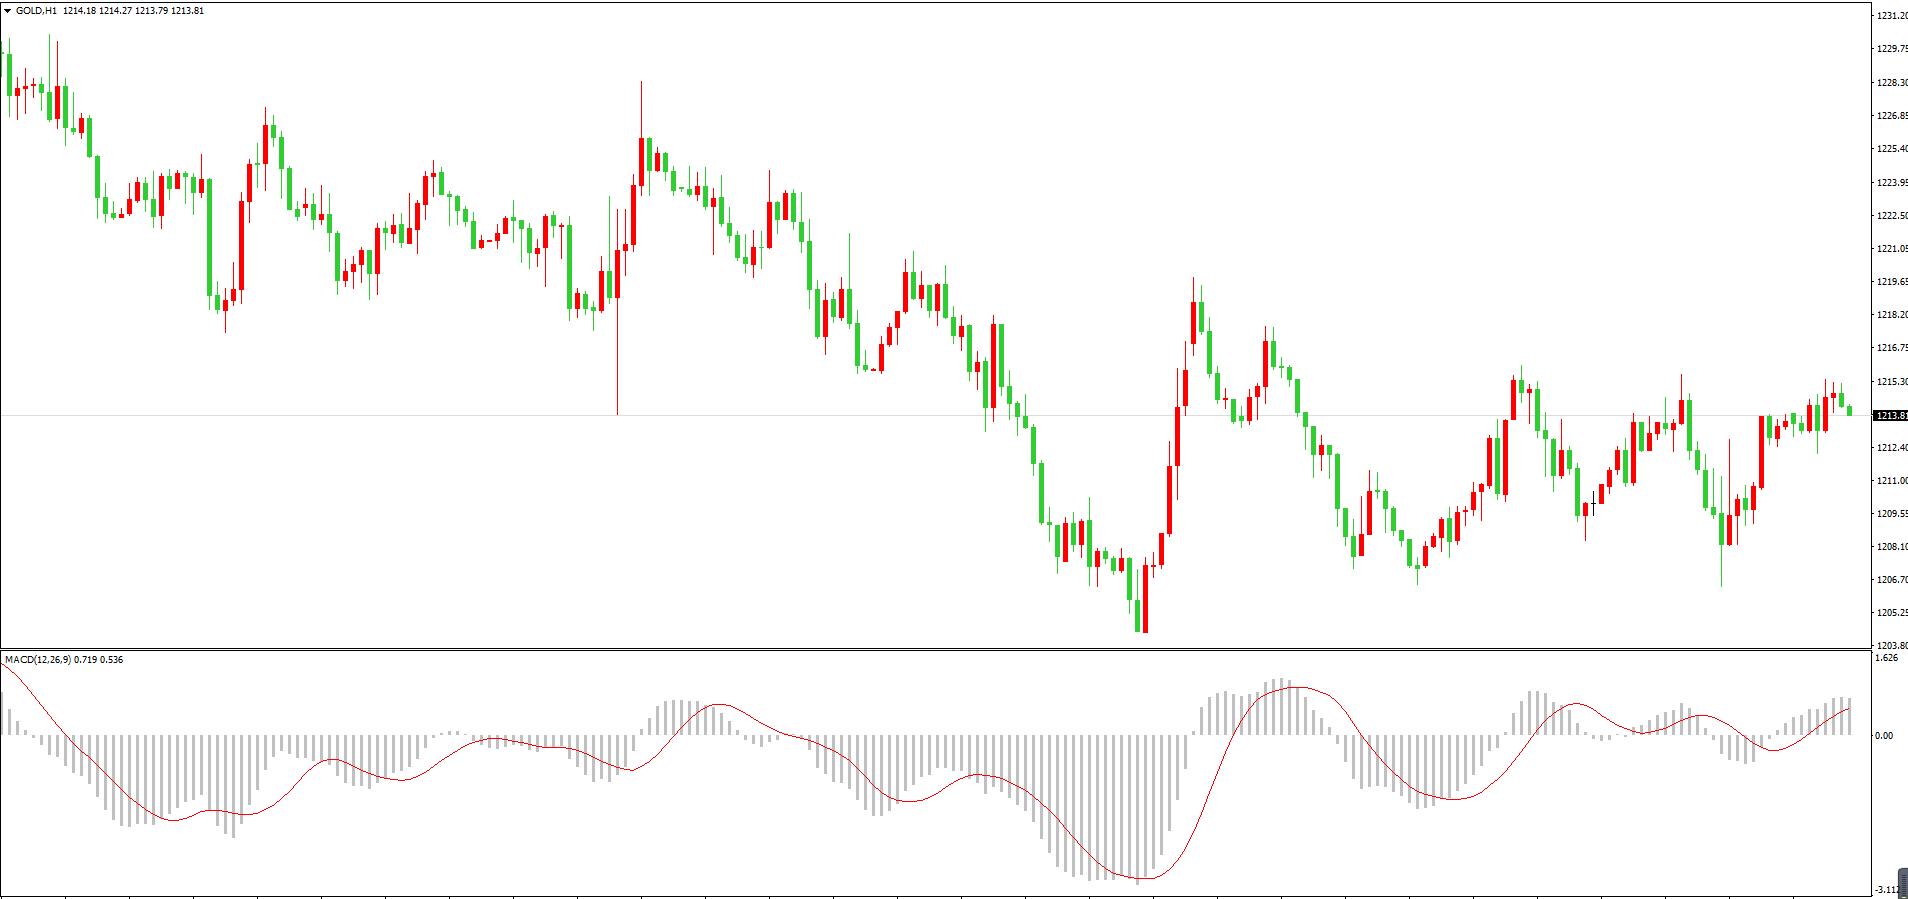 中美贸易争端再次升级 黄金震荡加剧险守1210关口